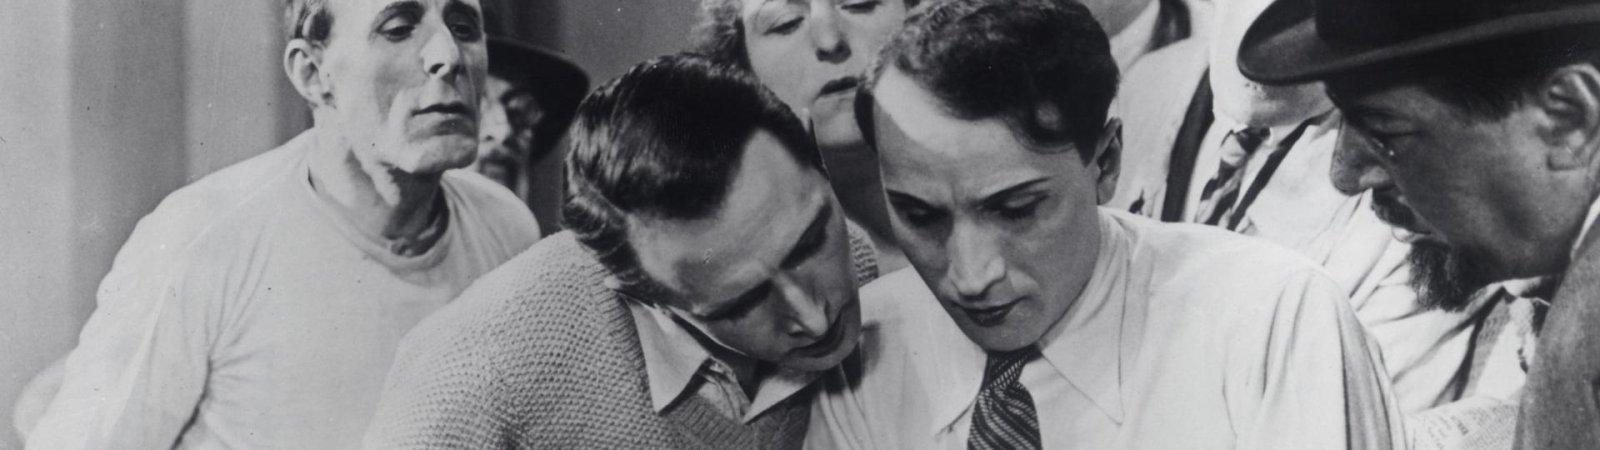 Photo dernier film René Lefèvre